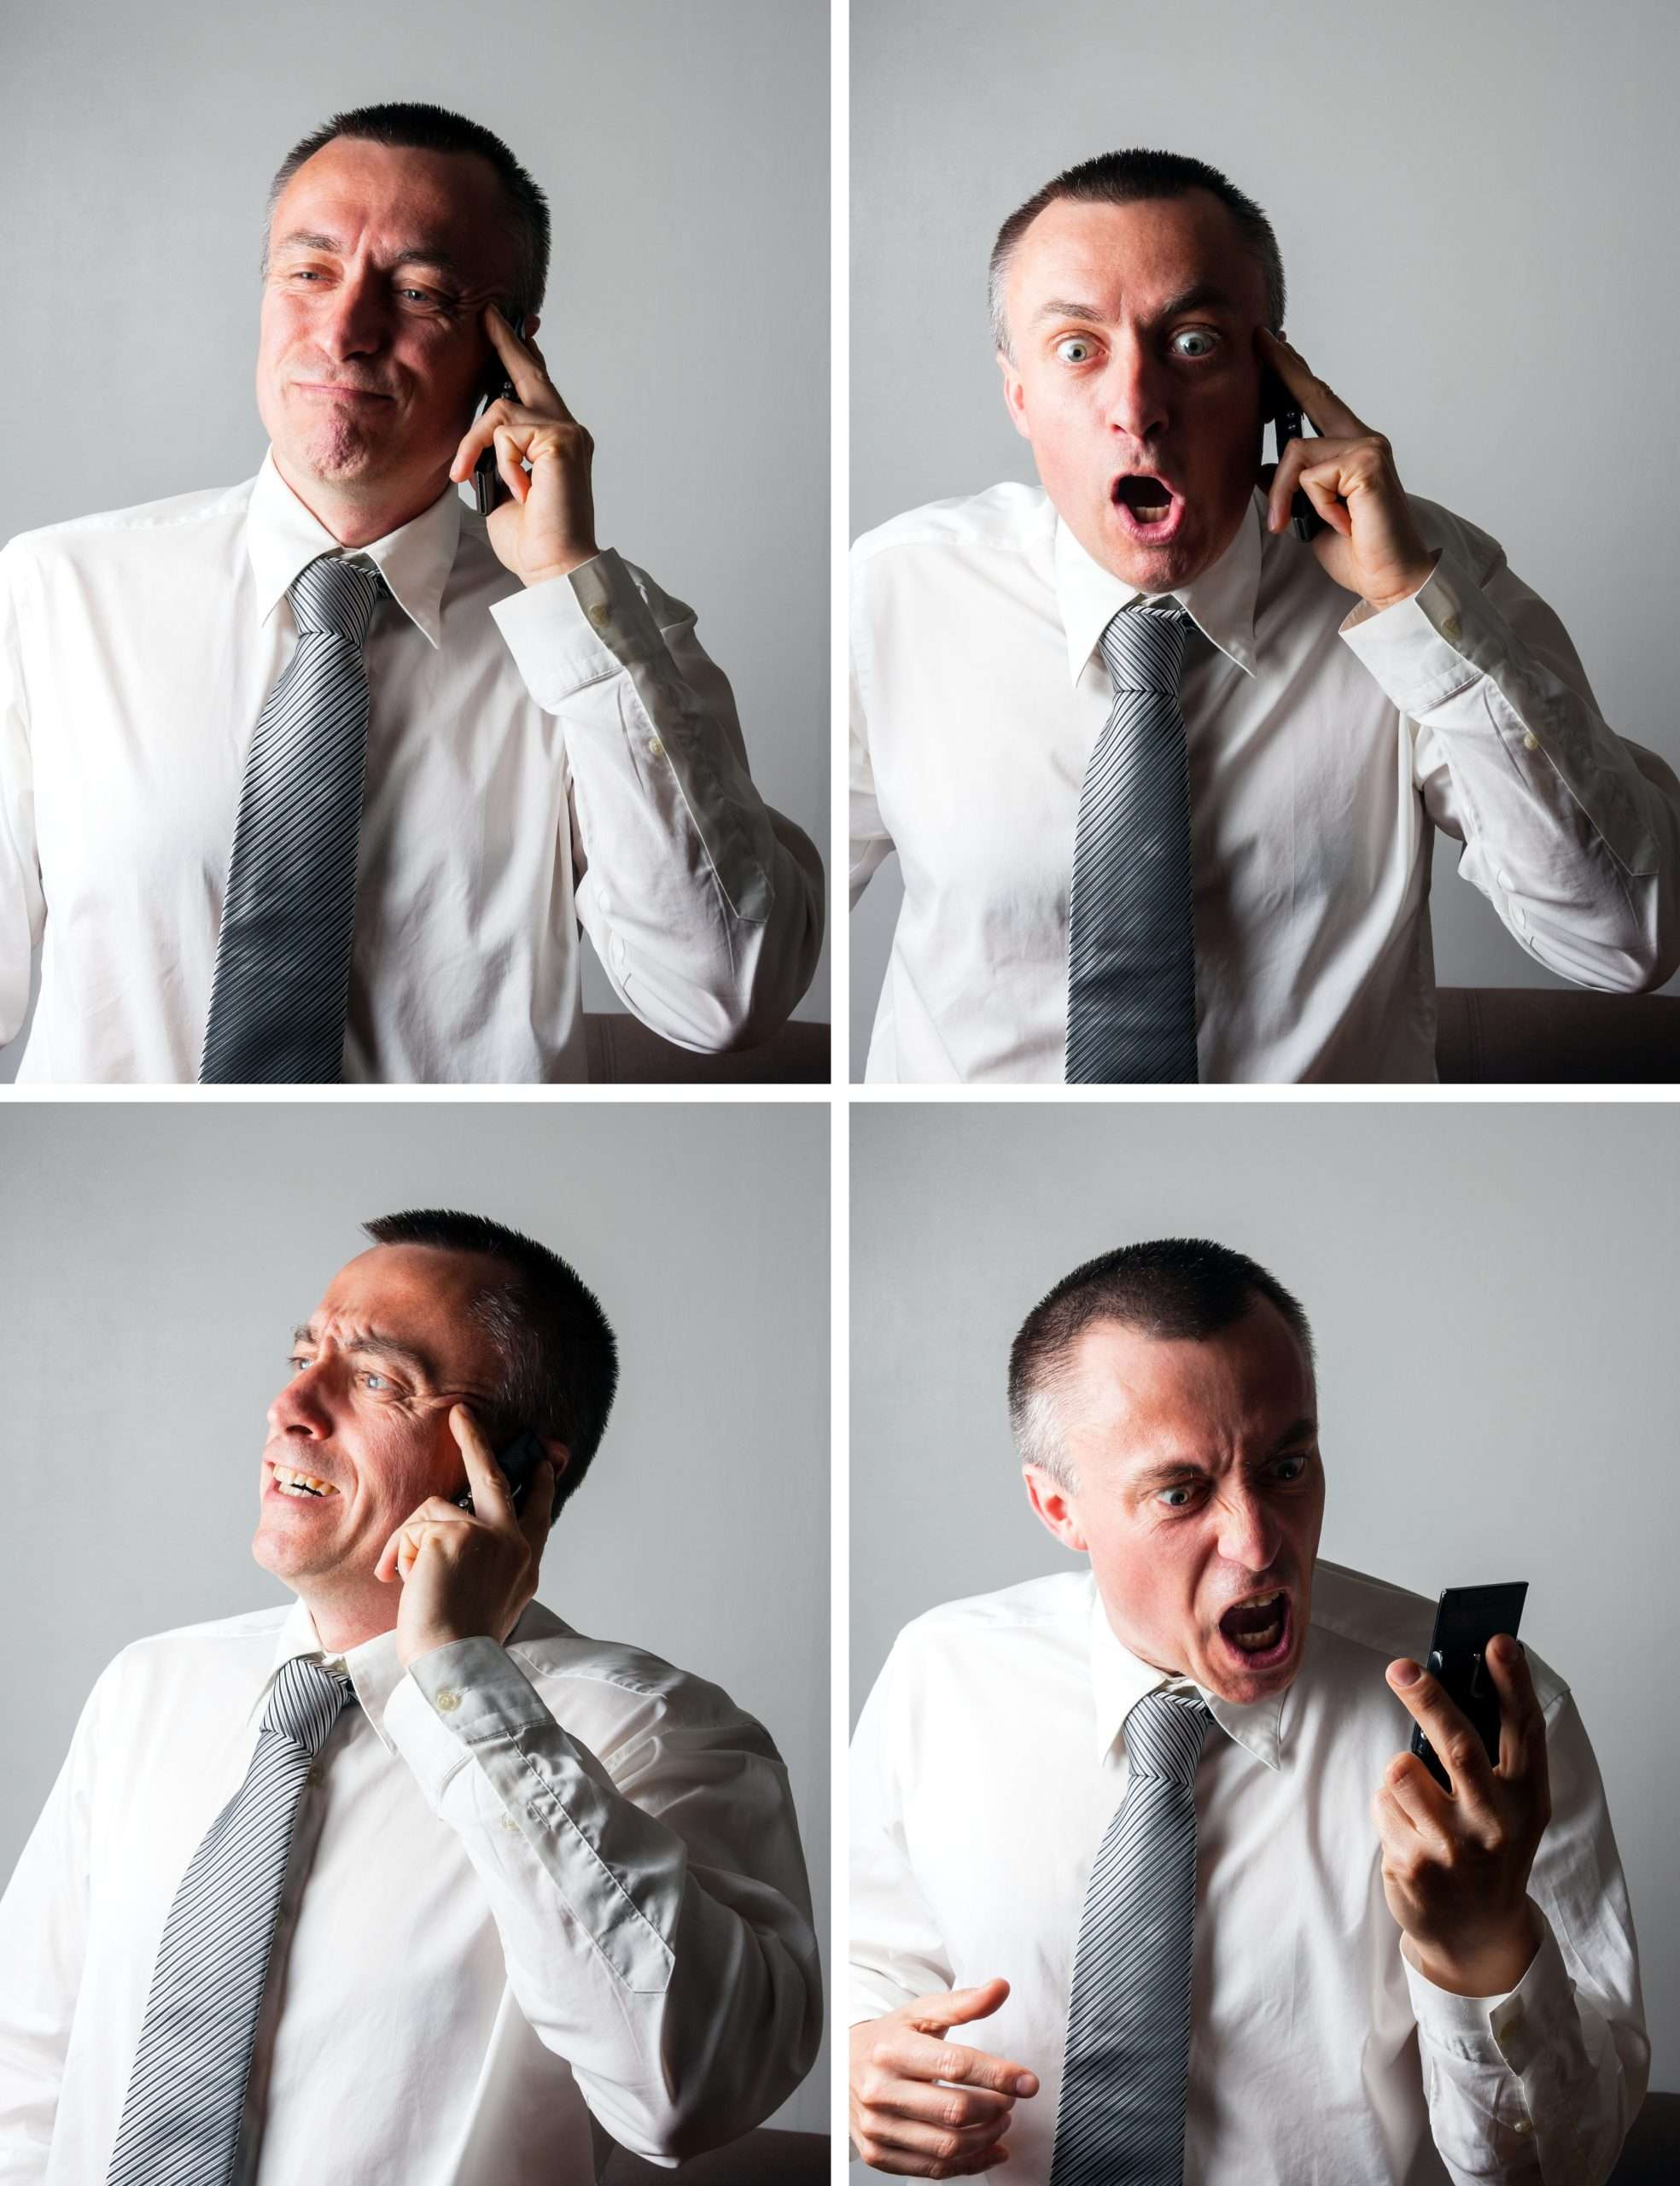 Fin du démarchage téléphonique : comment trouver des clients ?